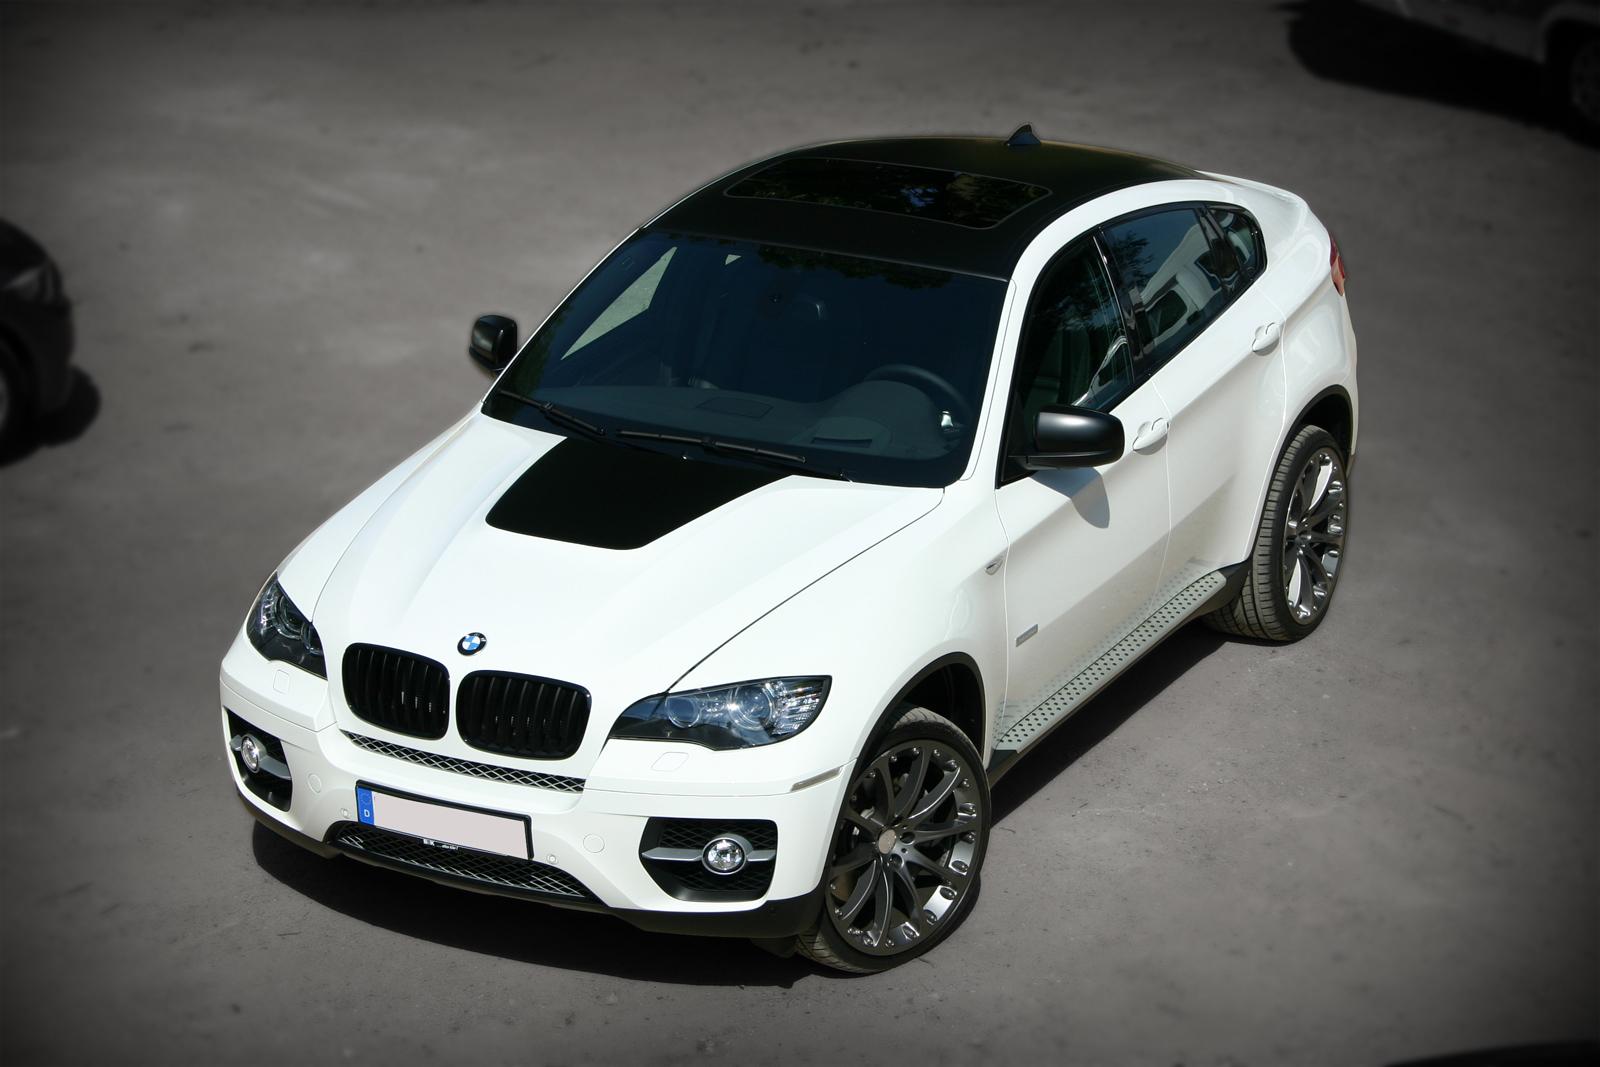 weißer BMW X6 mit schwarz matter Teilfolierung auf Dach und Lufthutze